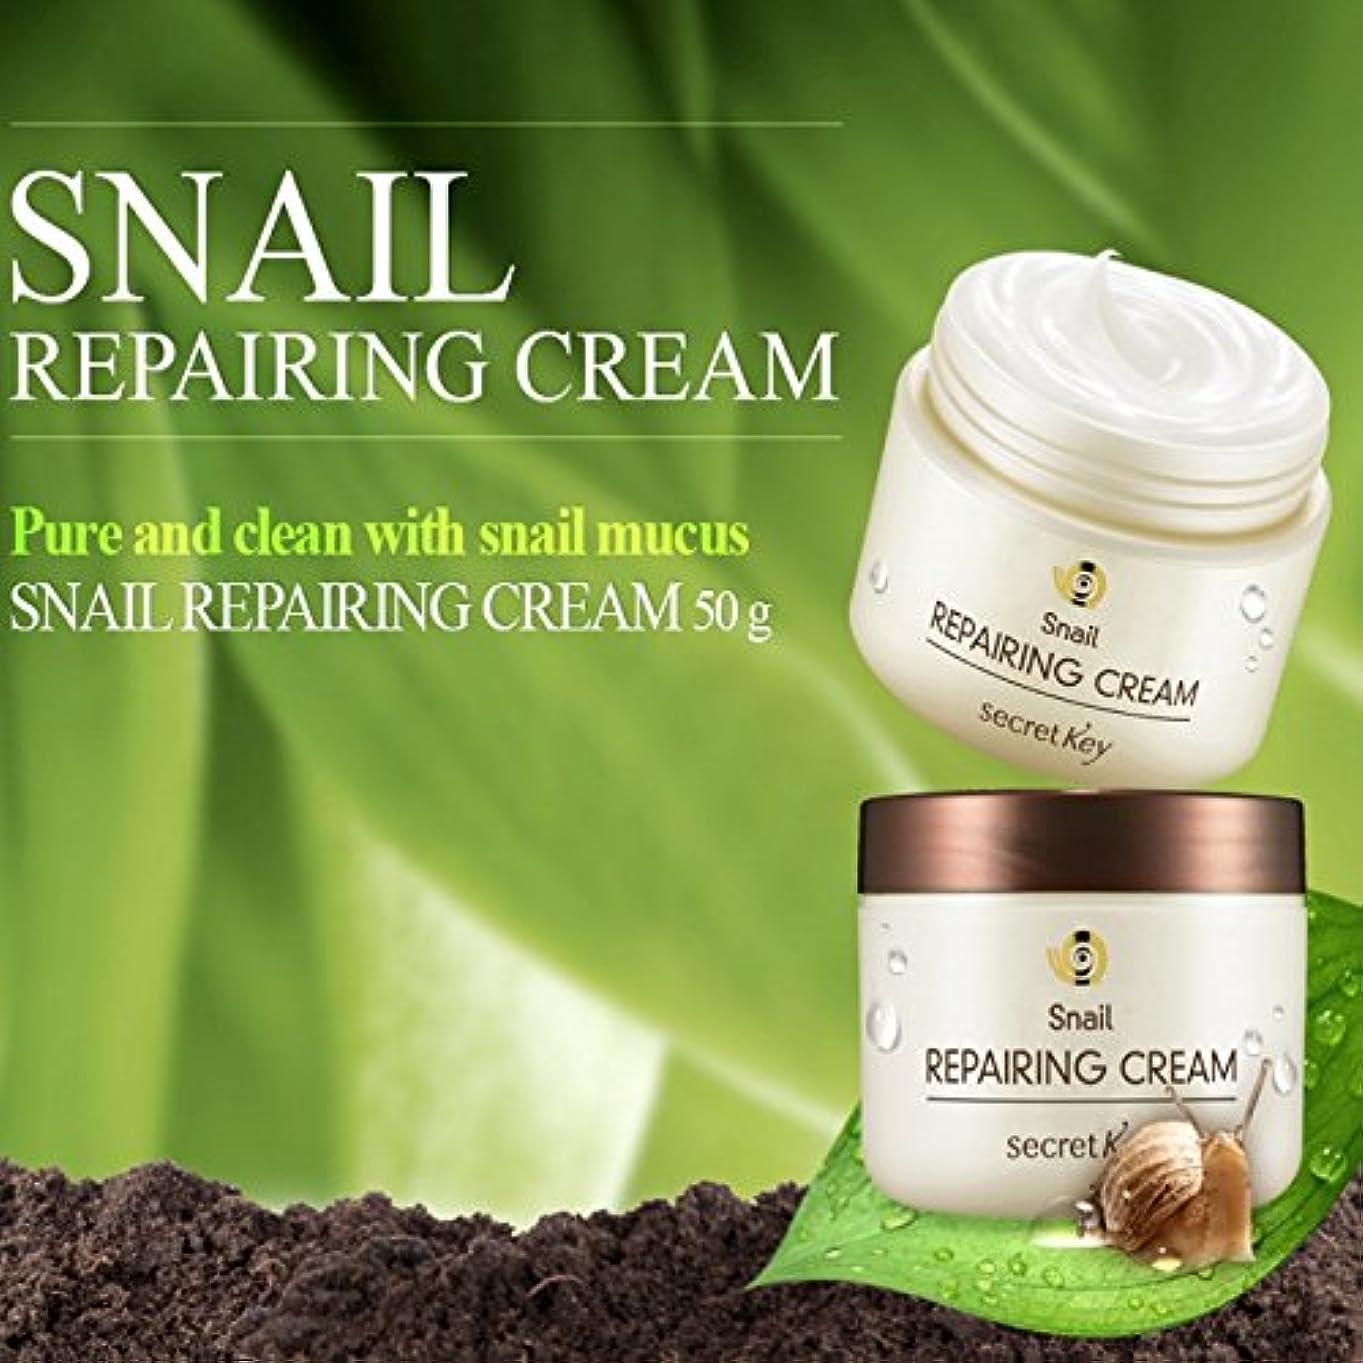 分解する批判的地下Secret Key Snail Repairing Cream Renewal 50g /シークレットキー スネイル リペアリング /100% Authentic direct from Korea/w 2 Gift...